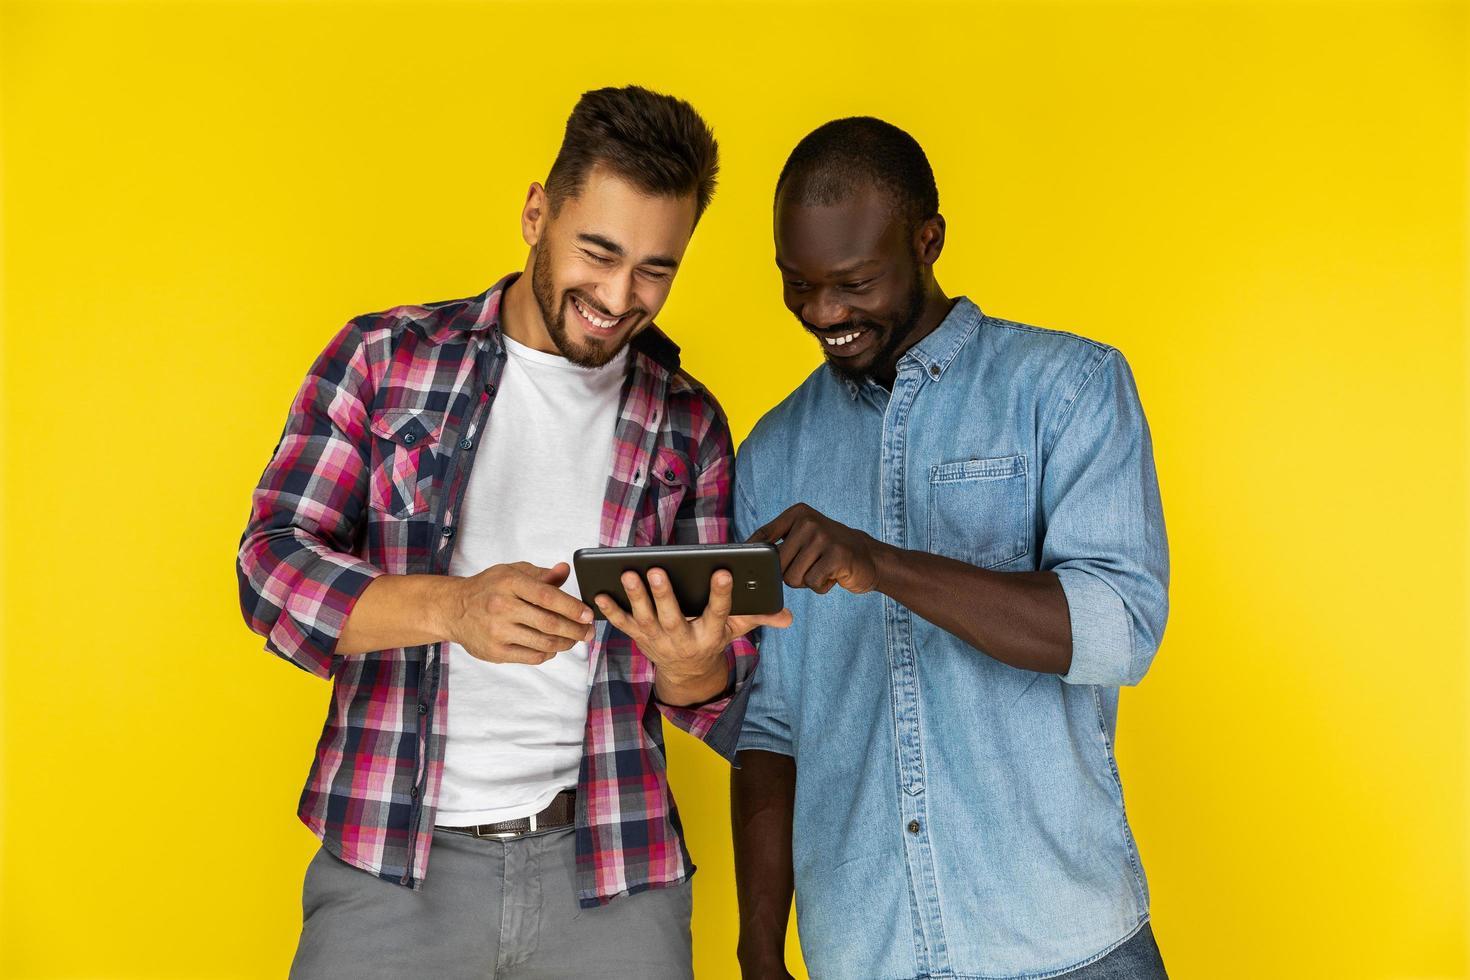 två män njuter av att titta på videor på surfplattan foto